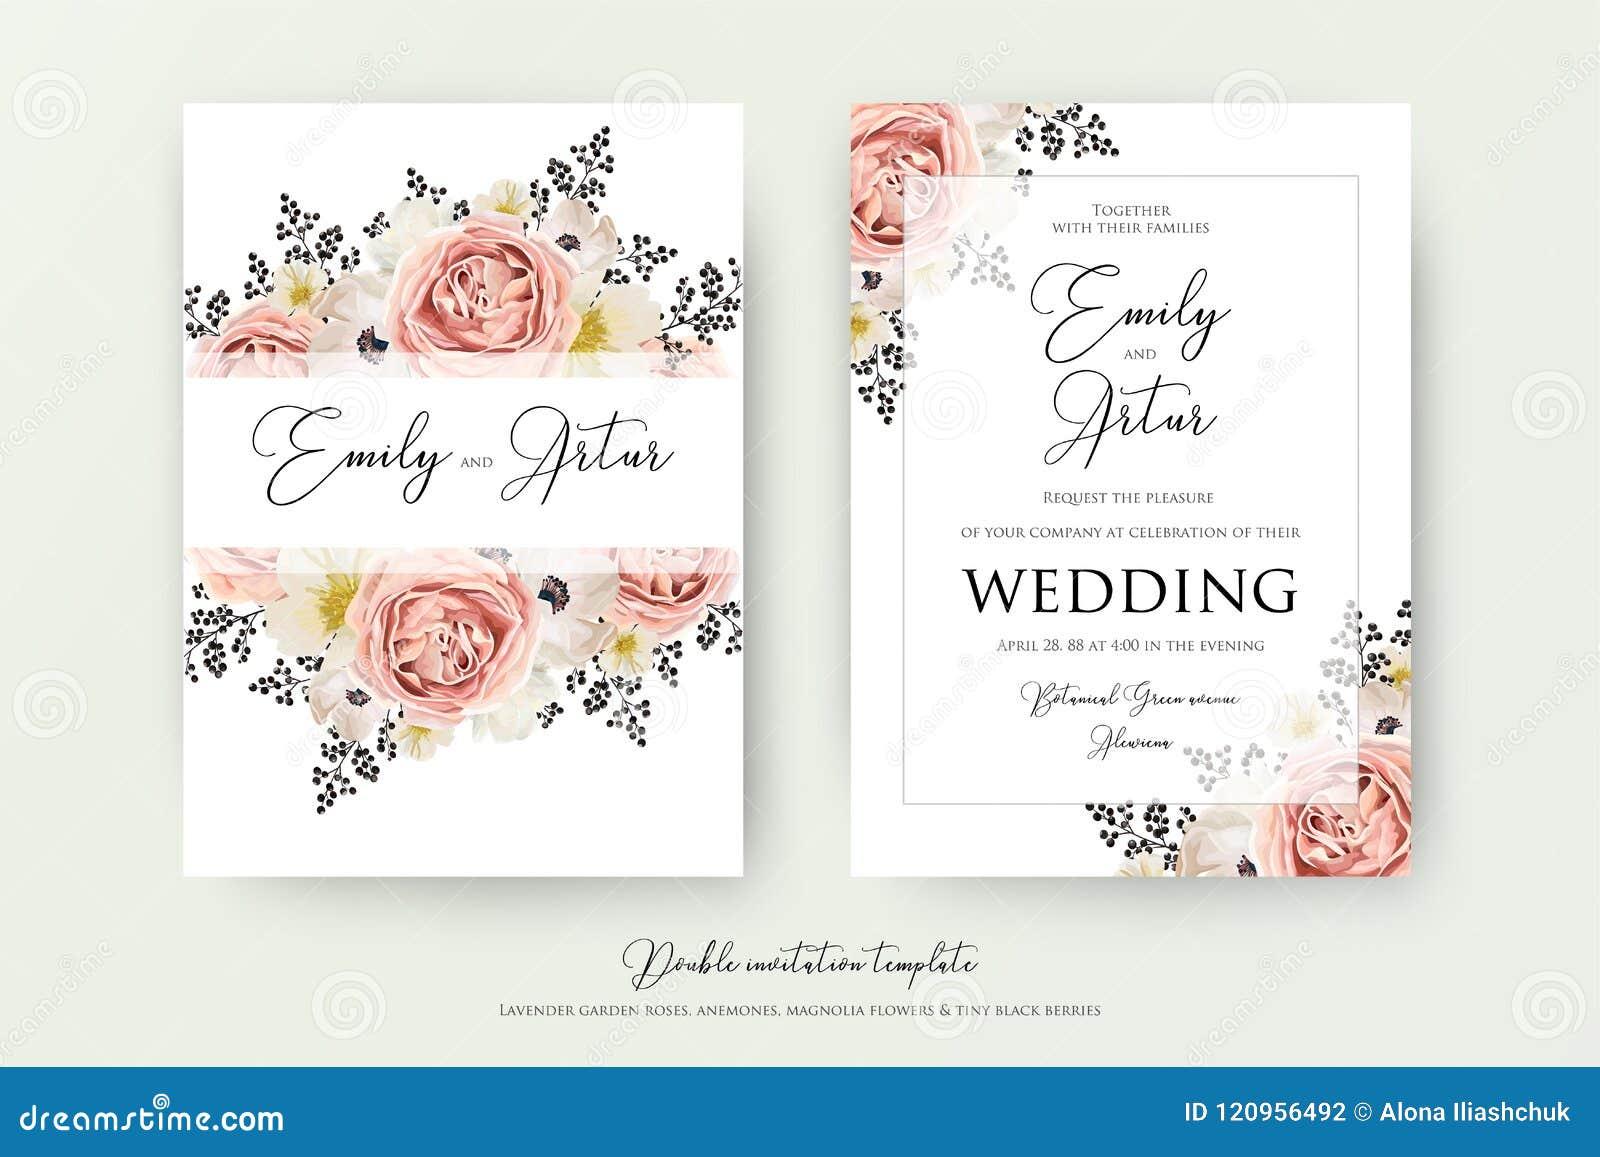 Wedding floral double watercolor invite, invitation, save the da